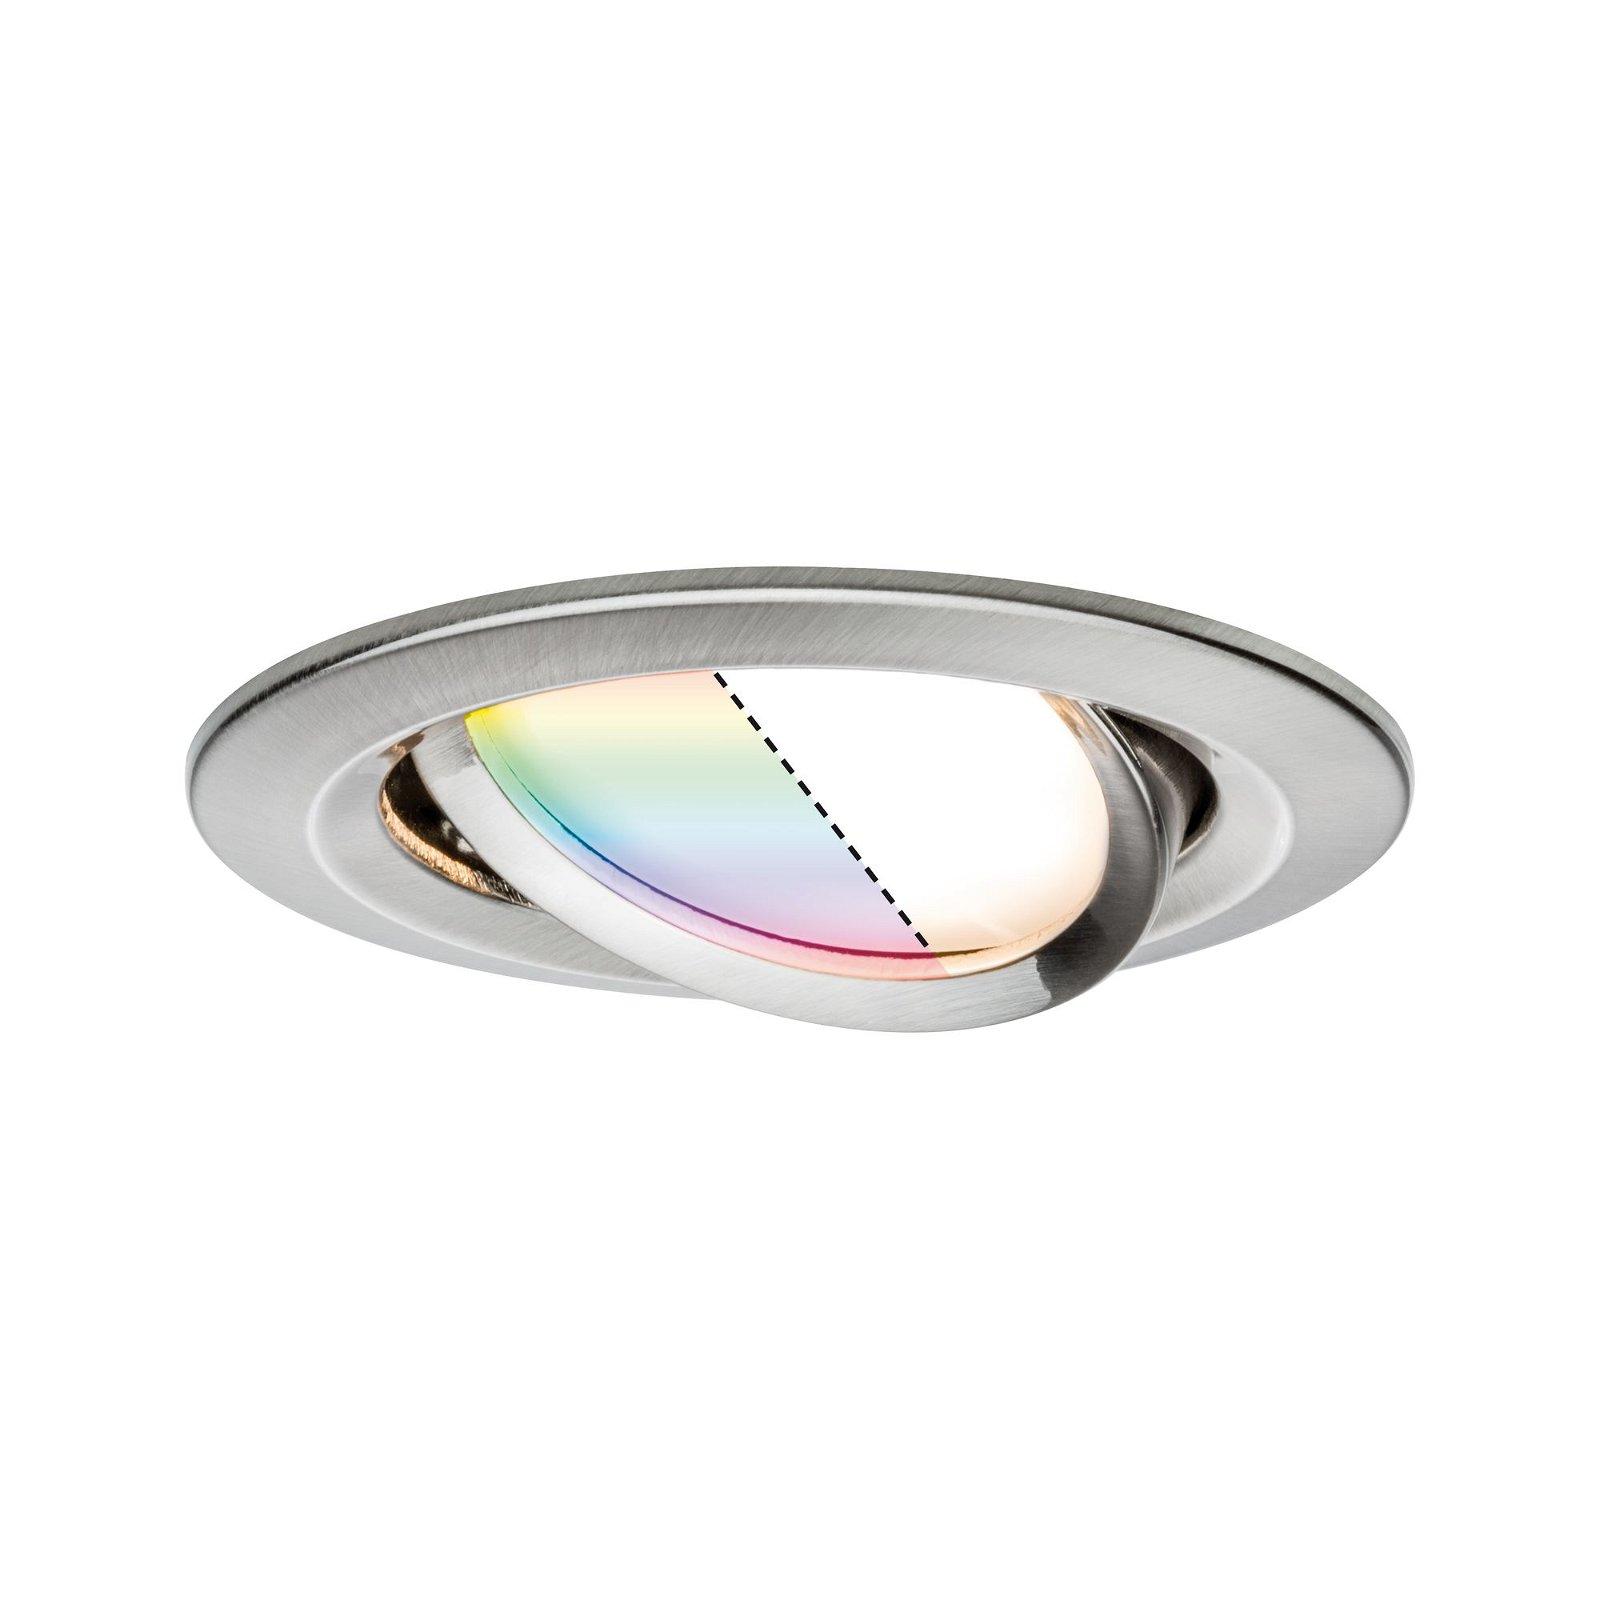 LED Einbauleuchte Nova Plus 3er-Set rund 84mm 50° 3x2W 3x71lm 230/24V RGBW Eisen gebürstet